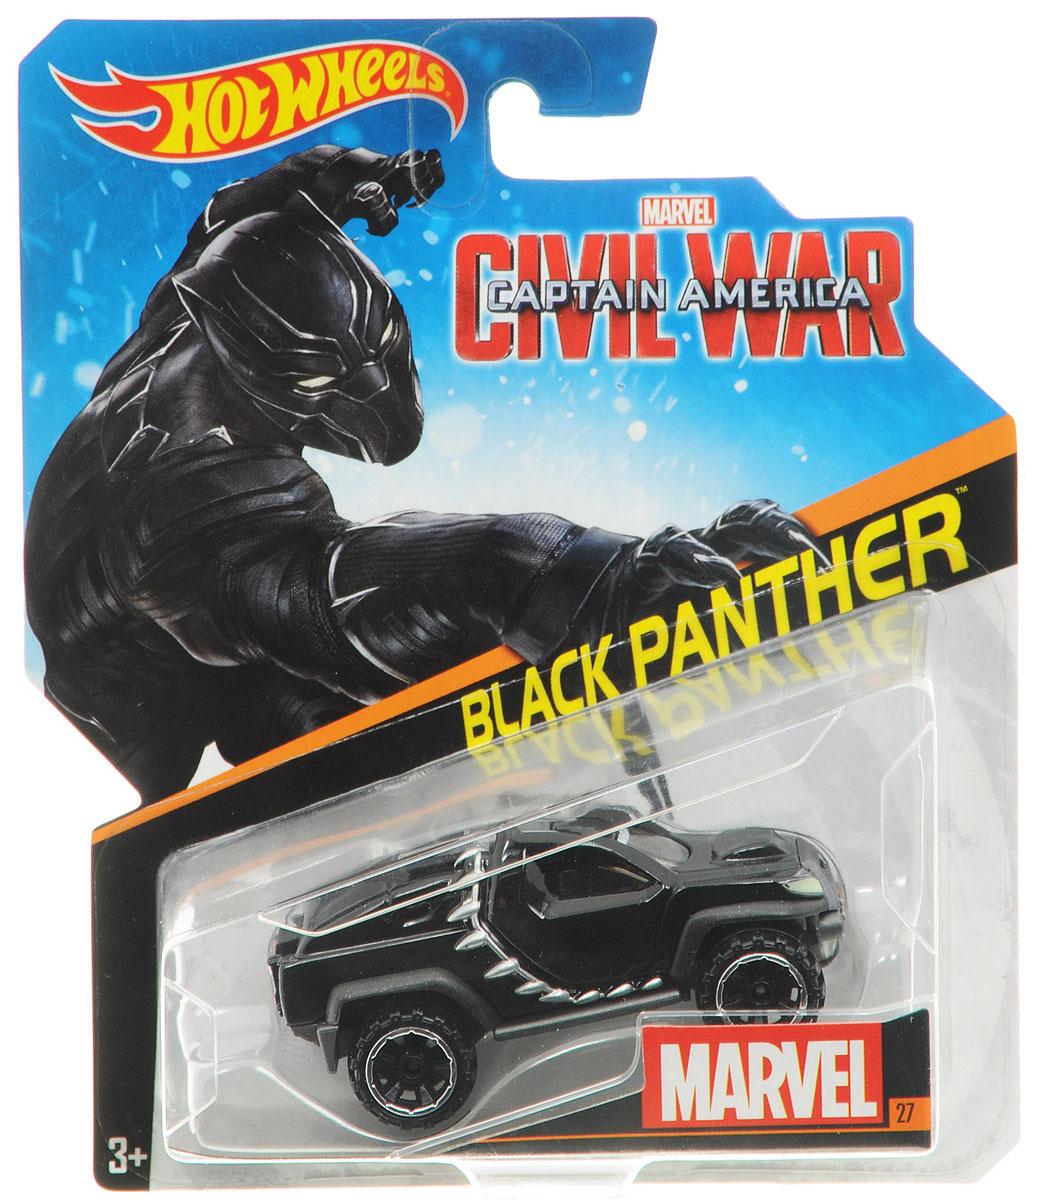 Hot Wheels Avengers Машинка Black PantherBDM71_DKH23Машинка Hot Wheels Black Panther обязательно привлечет внимание вашего малыша. Игрушка изготовлена из высококачественного пластика с элементами металла в стиле Черной пантеры - вымышленного персонажа, супергероя комиксов издательства Marvel. Колесики машинки вращаются. Ваш ребенок будет часами играть с этой машинкой, придумывая различные истории. Порадуйте его таким замечательным подарком!